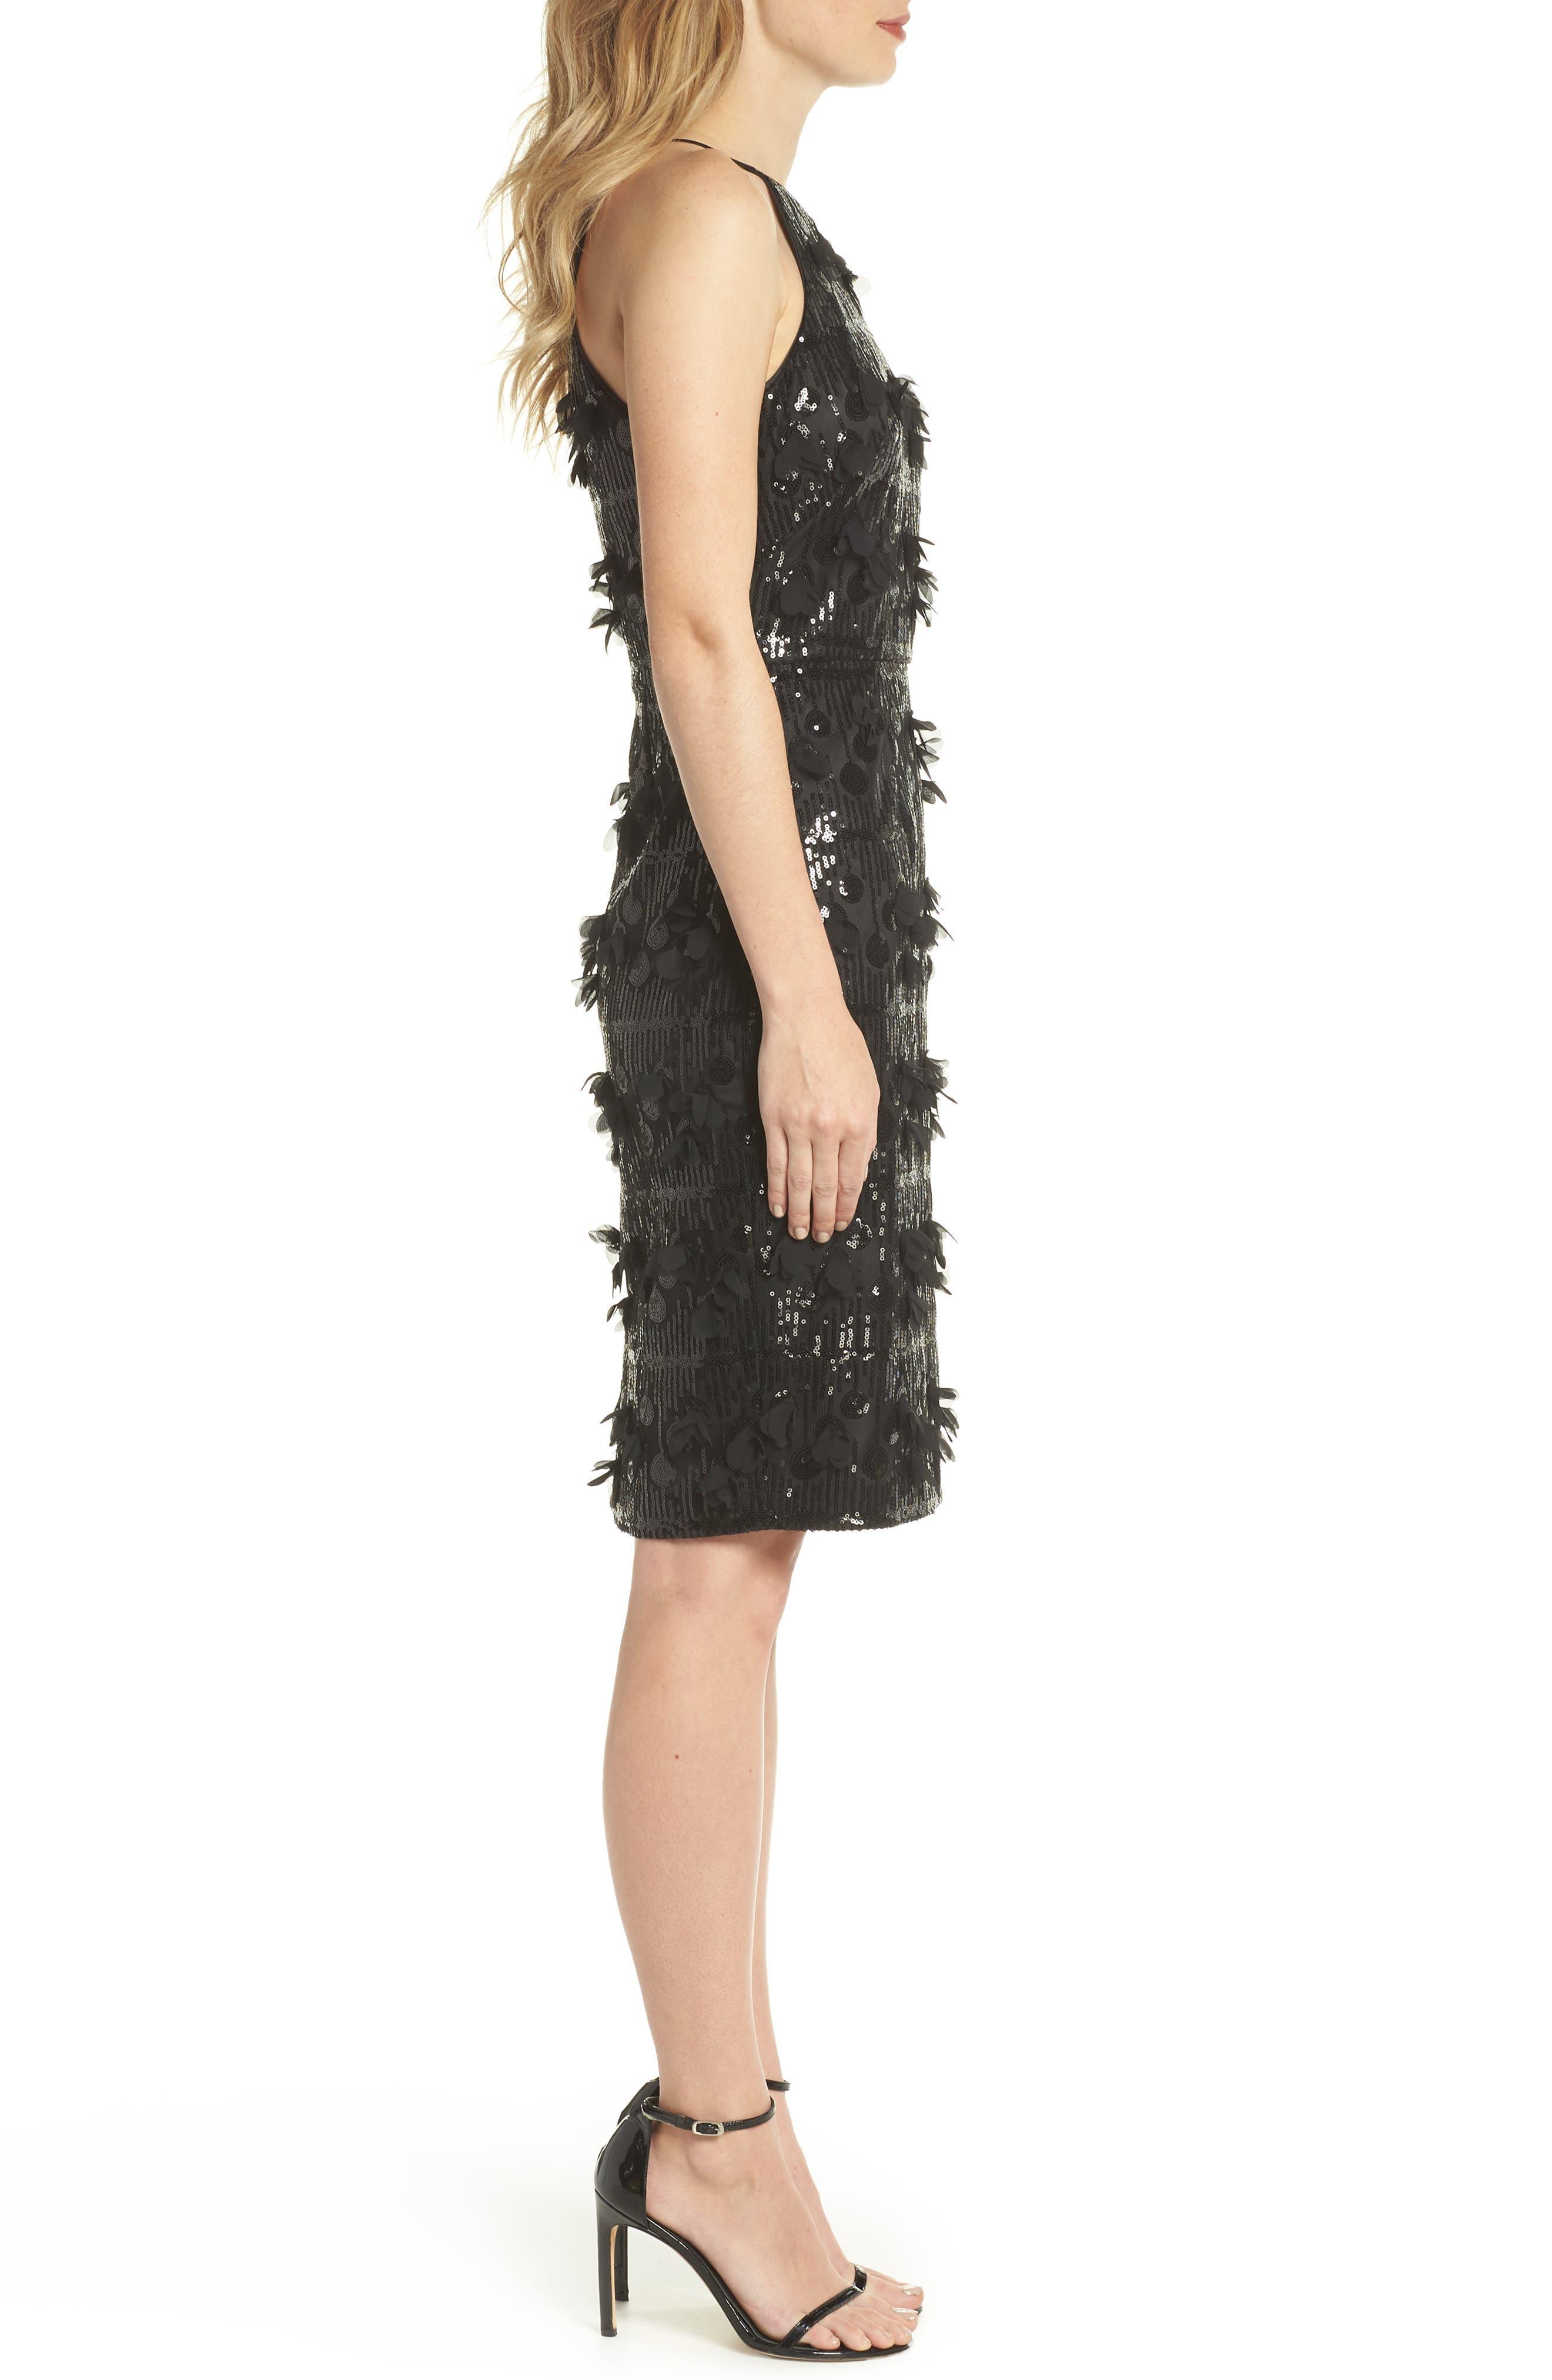 3D Floral & Sequin Cocktail Dress,                             Alternate thumbnail 3, color,                             Black